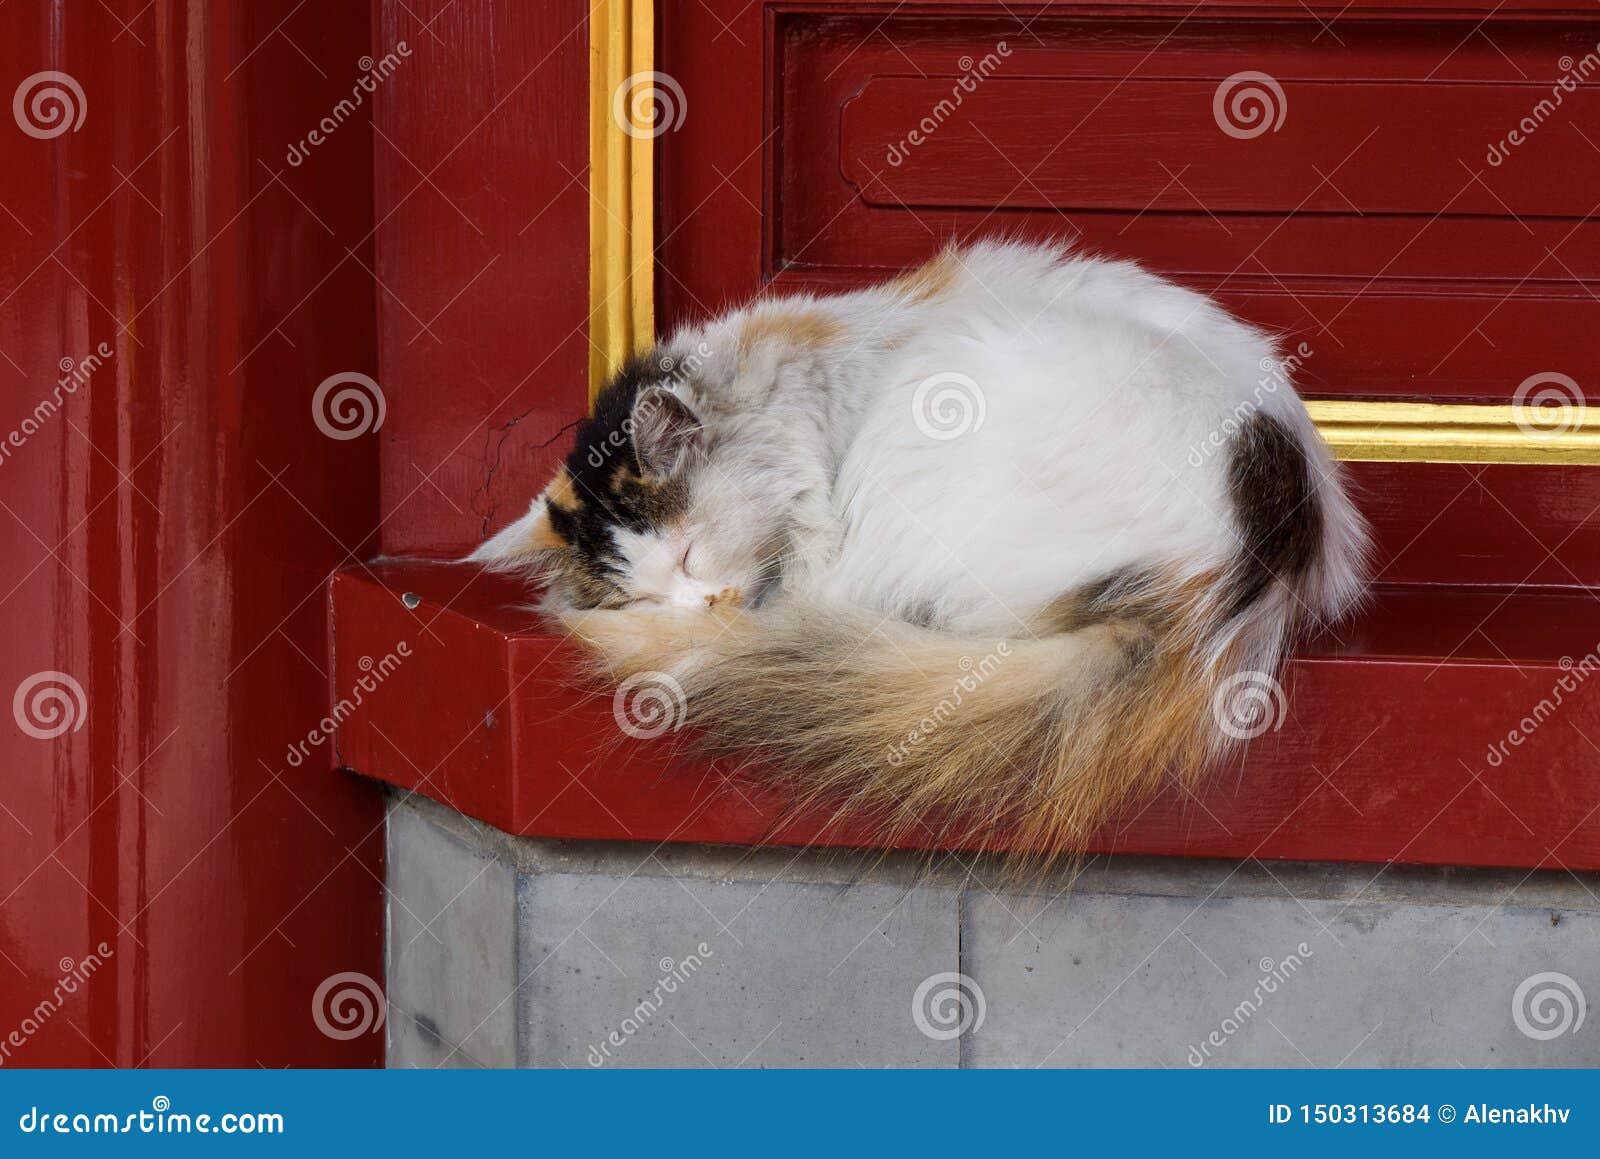 Grimy бездомный белый пушистый кот спит против красной стены с золотым орнаментом